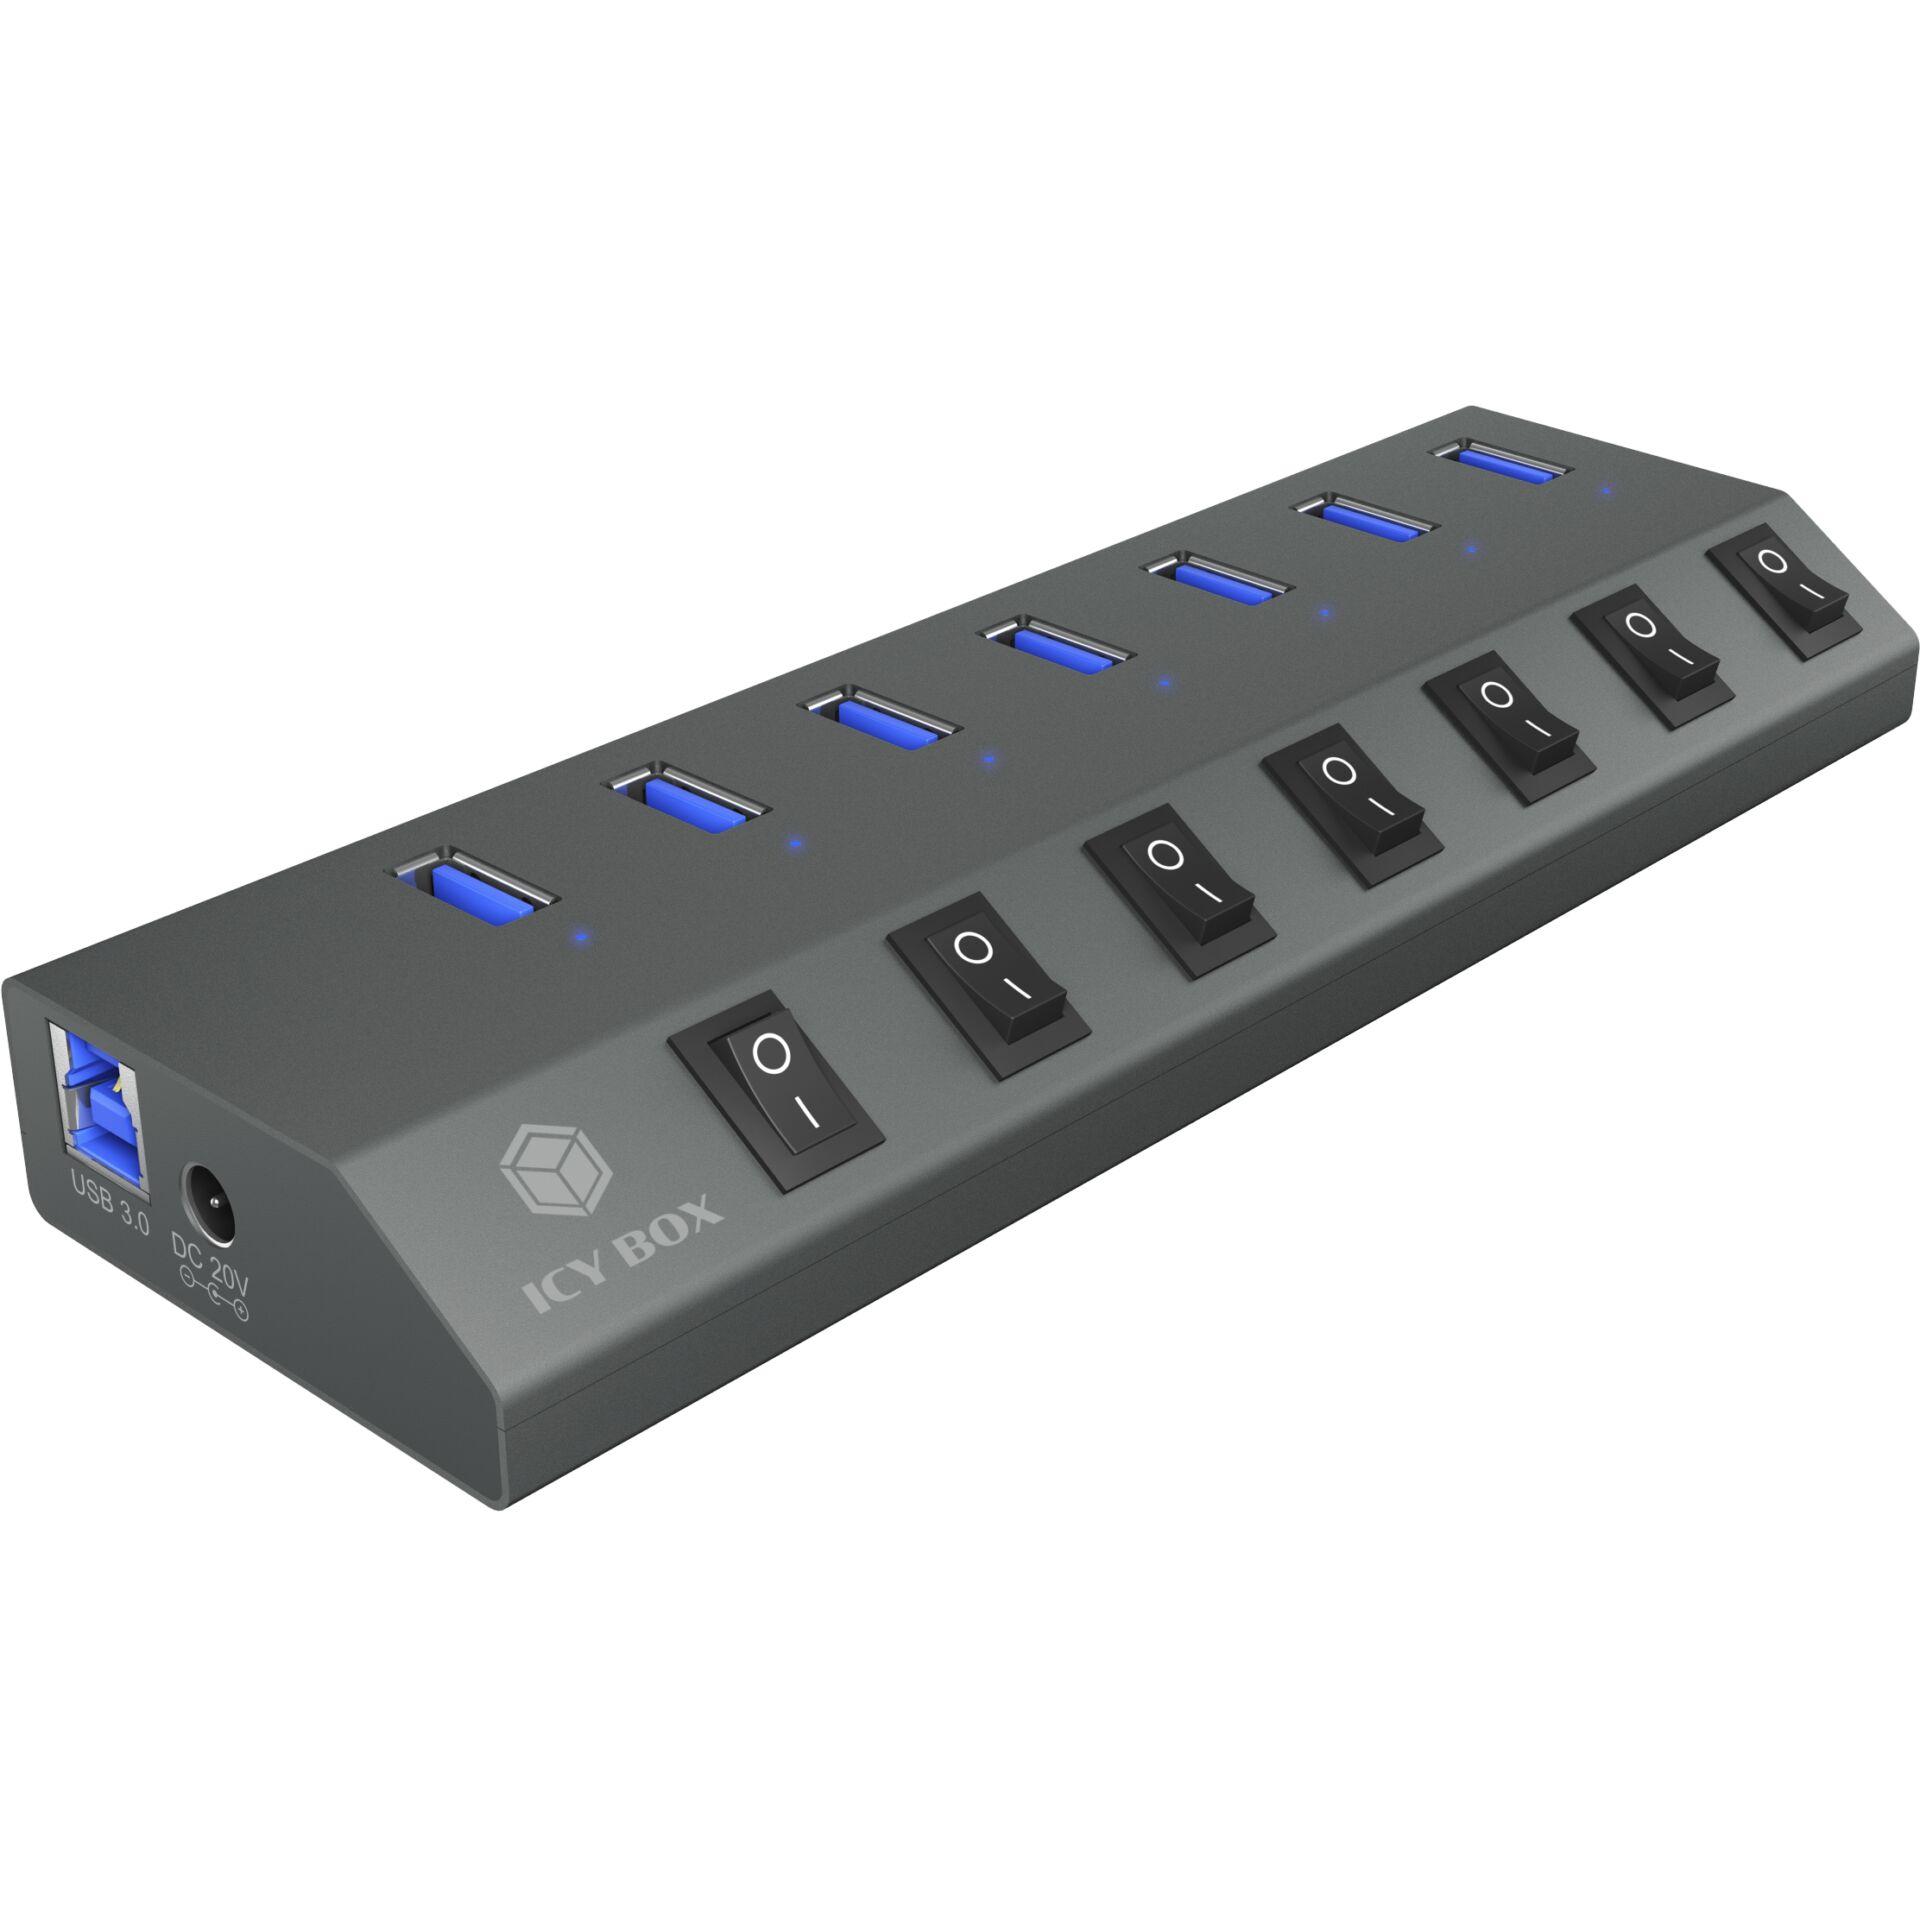 RaidSonic IB-HUB1701-C3 7 port  Type-A Hub USB 3.0